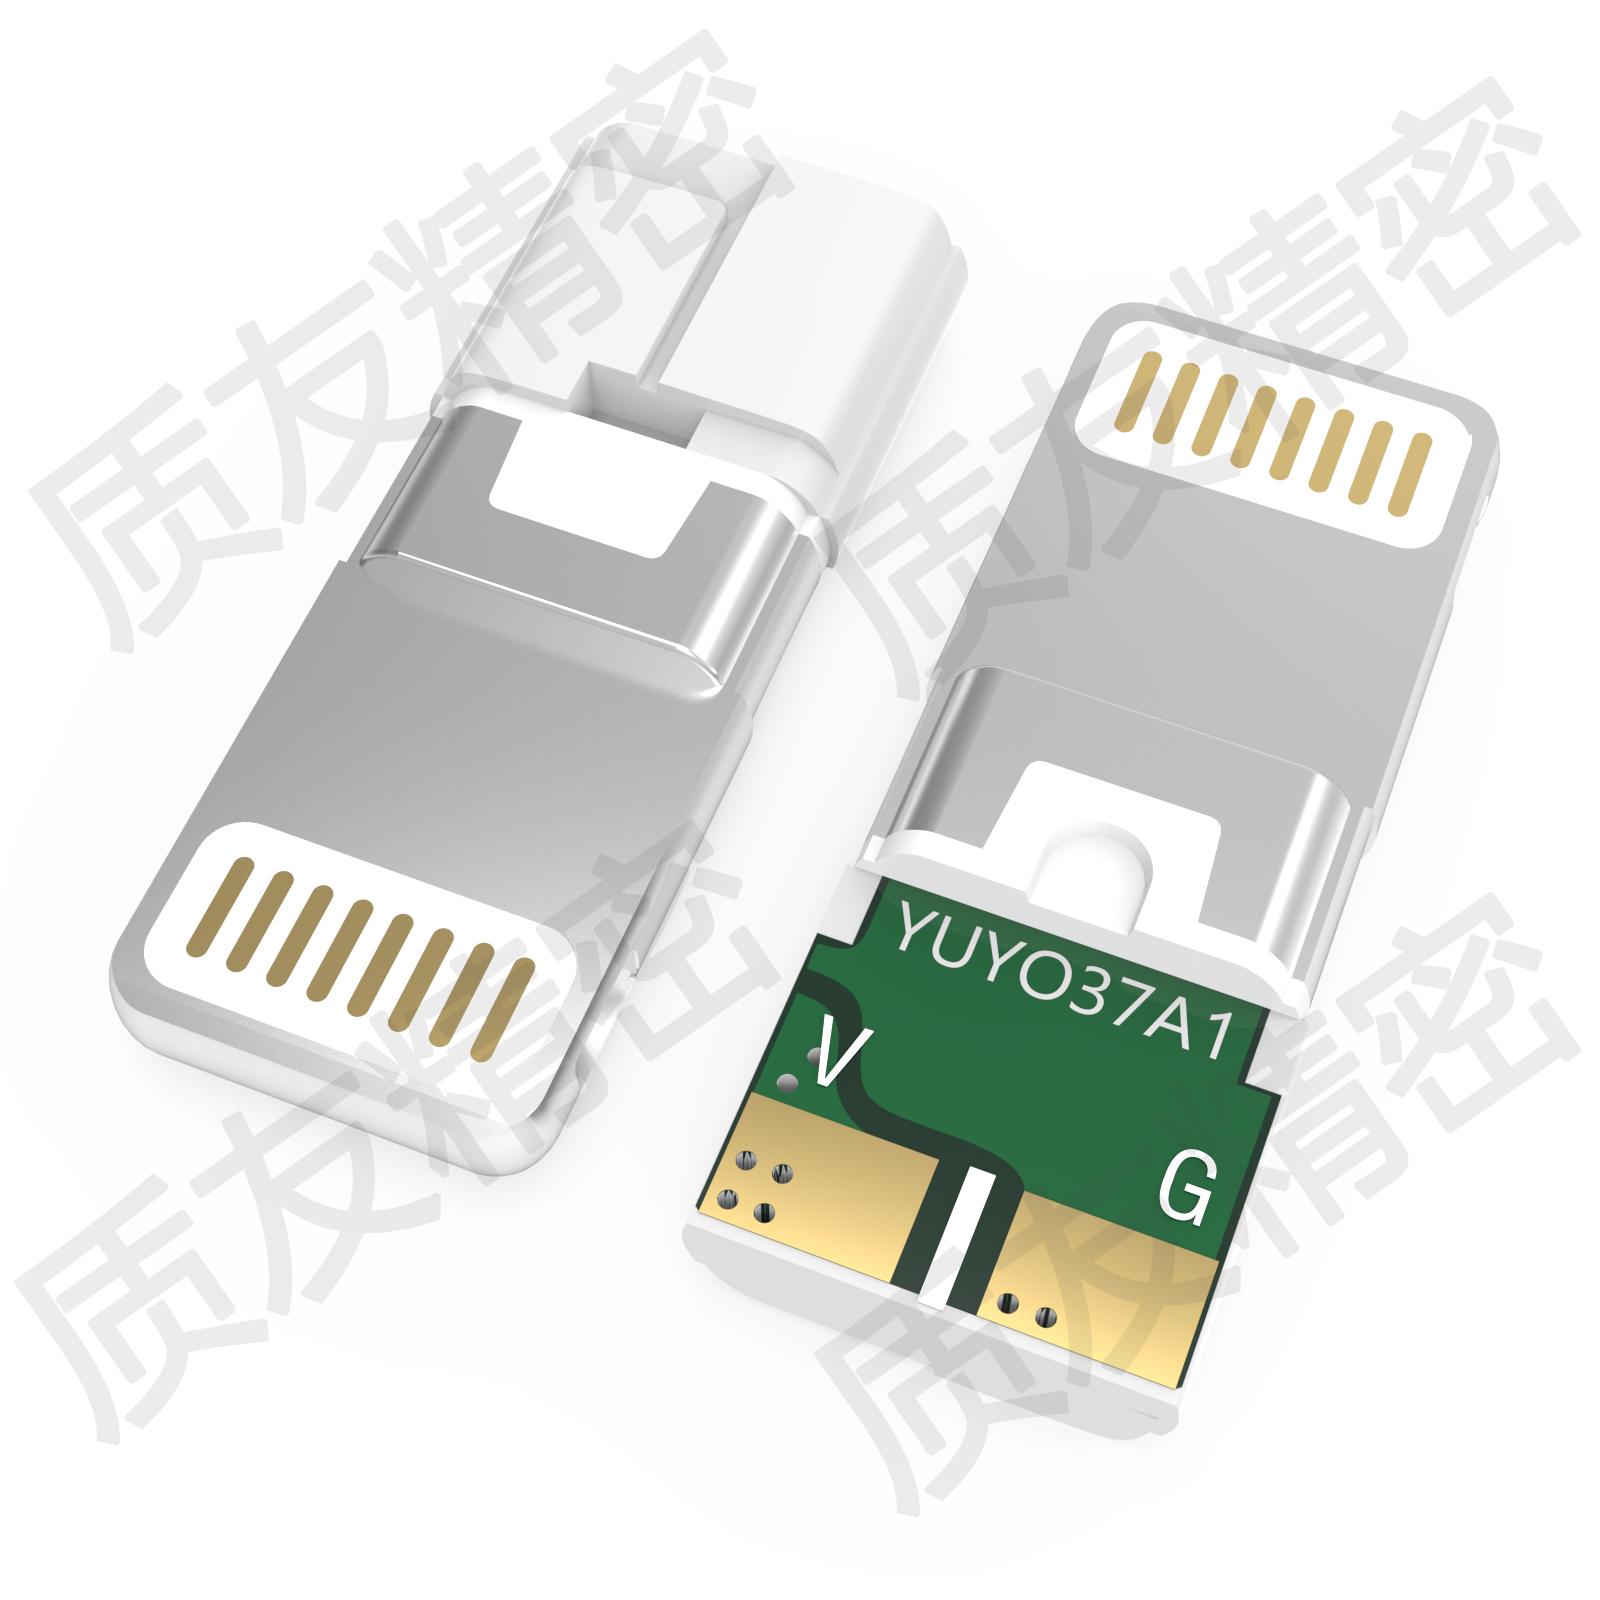 苹果8p一体插头YUYO37A1 2焊盘